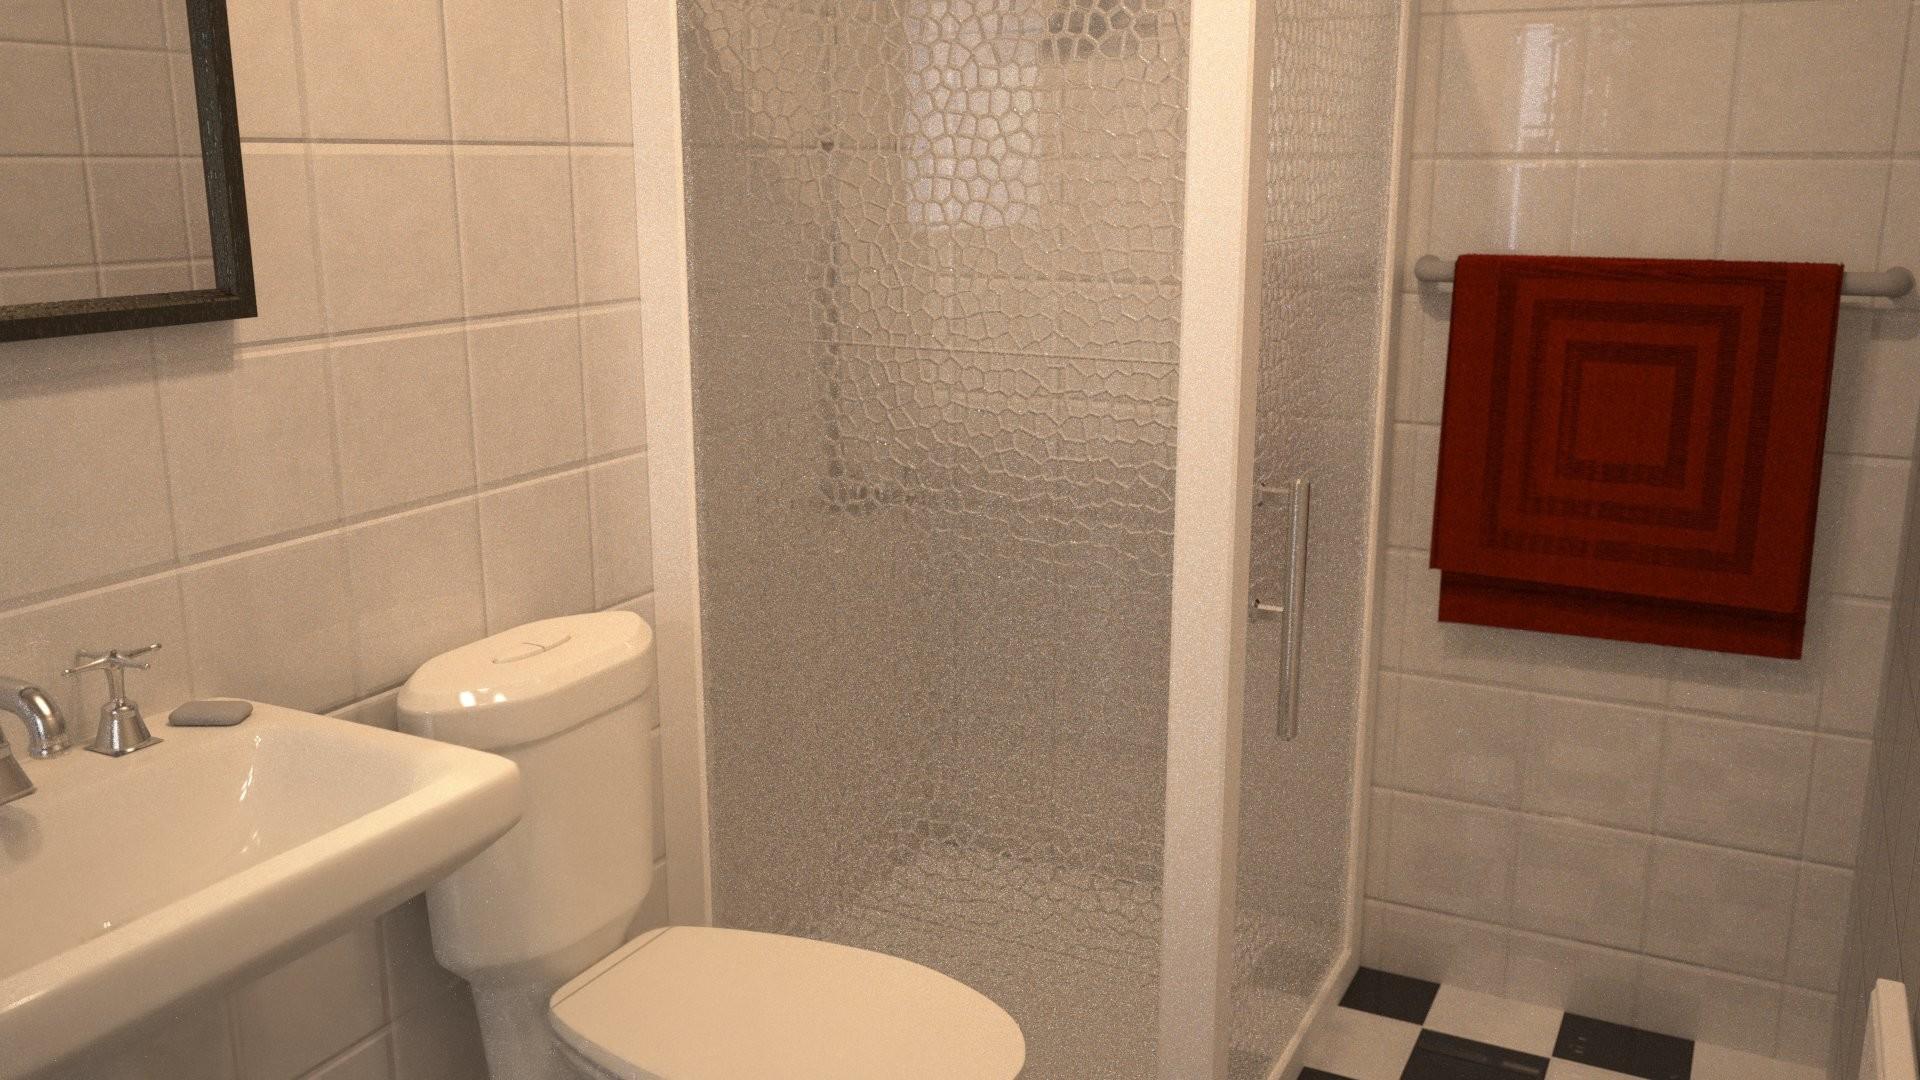 Rick irvine copy of bathroom1fixed